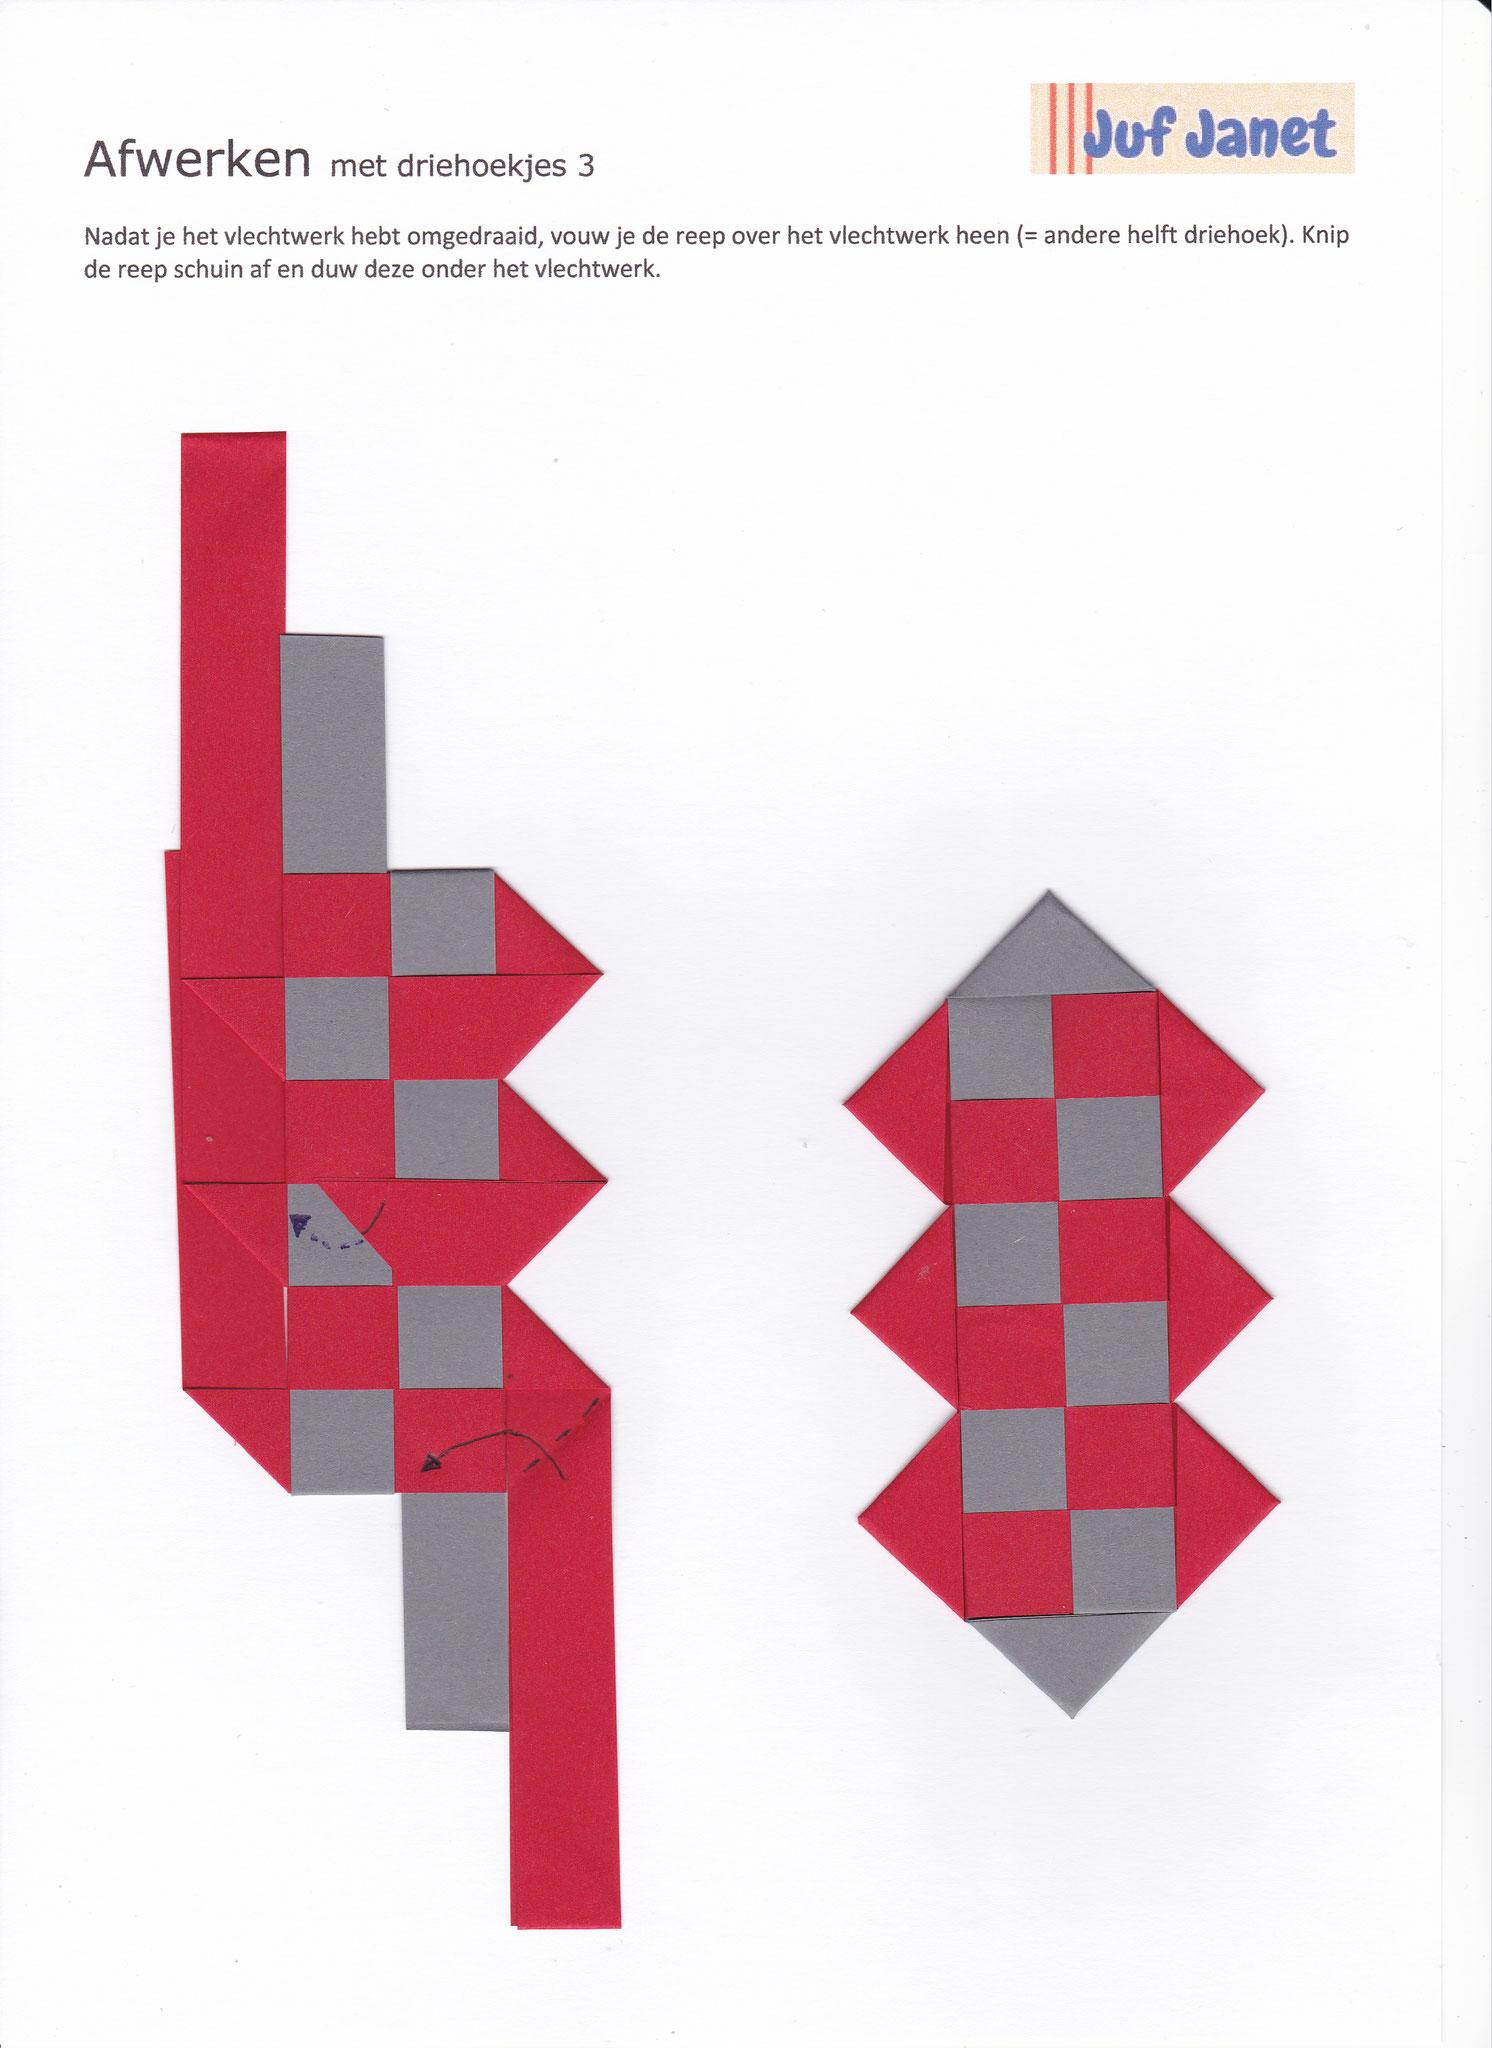 Stap 3: Nadat je het vlechtwerk hebt omgedraaid, vouw je de reep over het vlechtwerk heen (= andere helft driehoek). Knip de reep schuin af en steek deze onder het vlechtwerk.